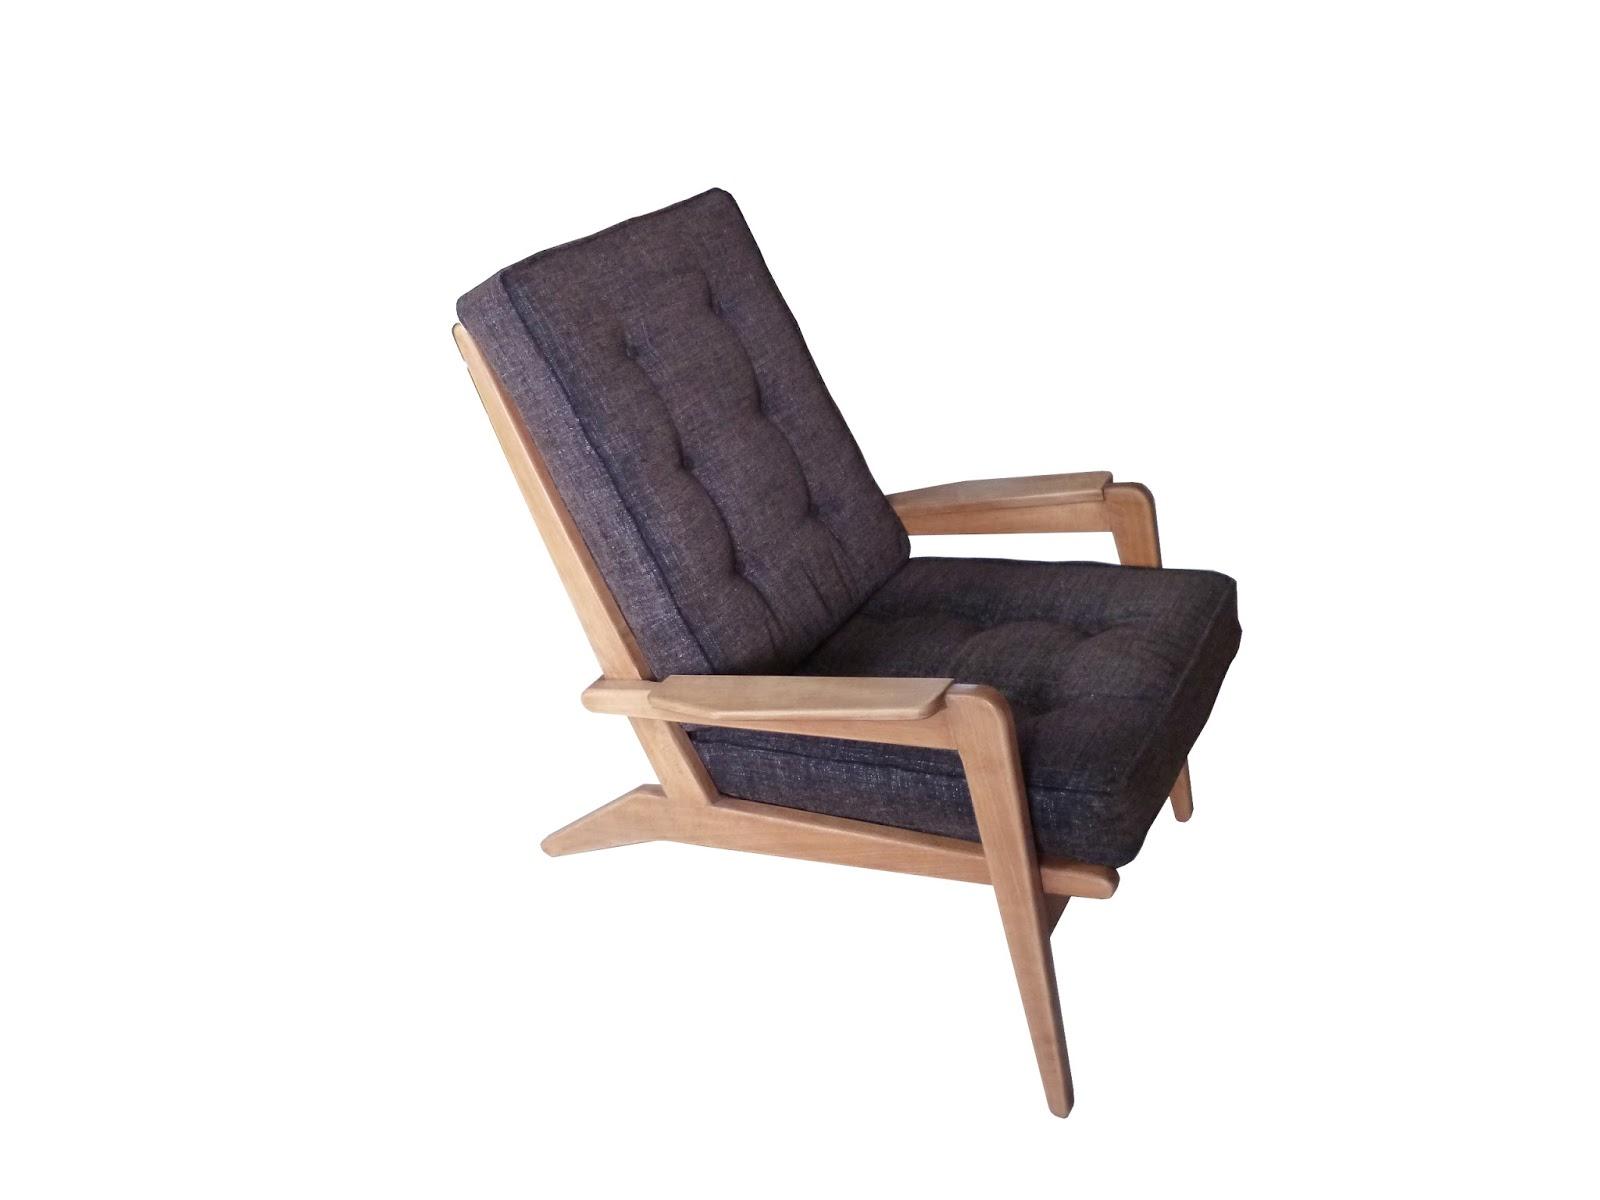 pierre guariche paire de fauteuil free span fs105 la renaissance du design xx. Black Bedroom Furniture Sets. Home Design Ideas